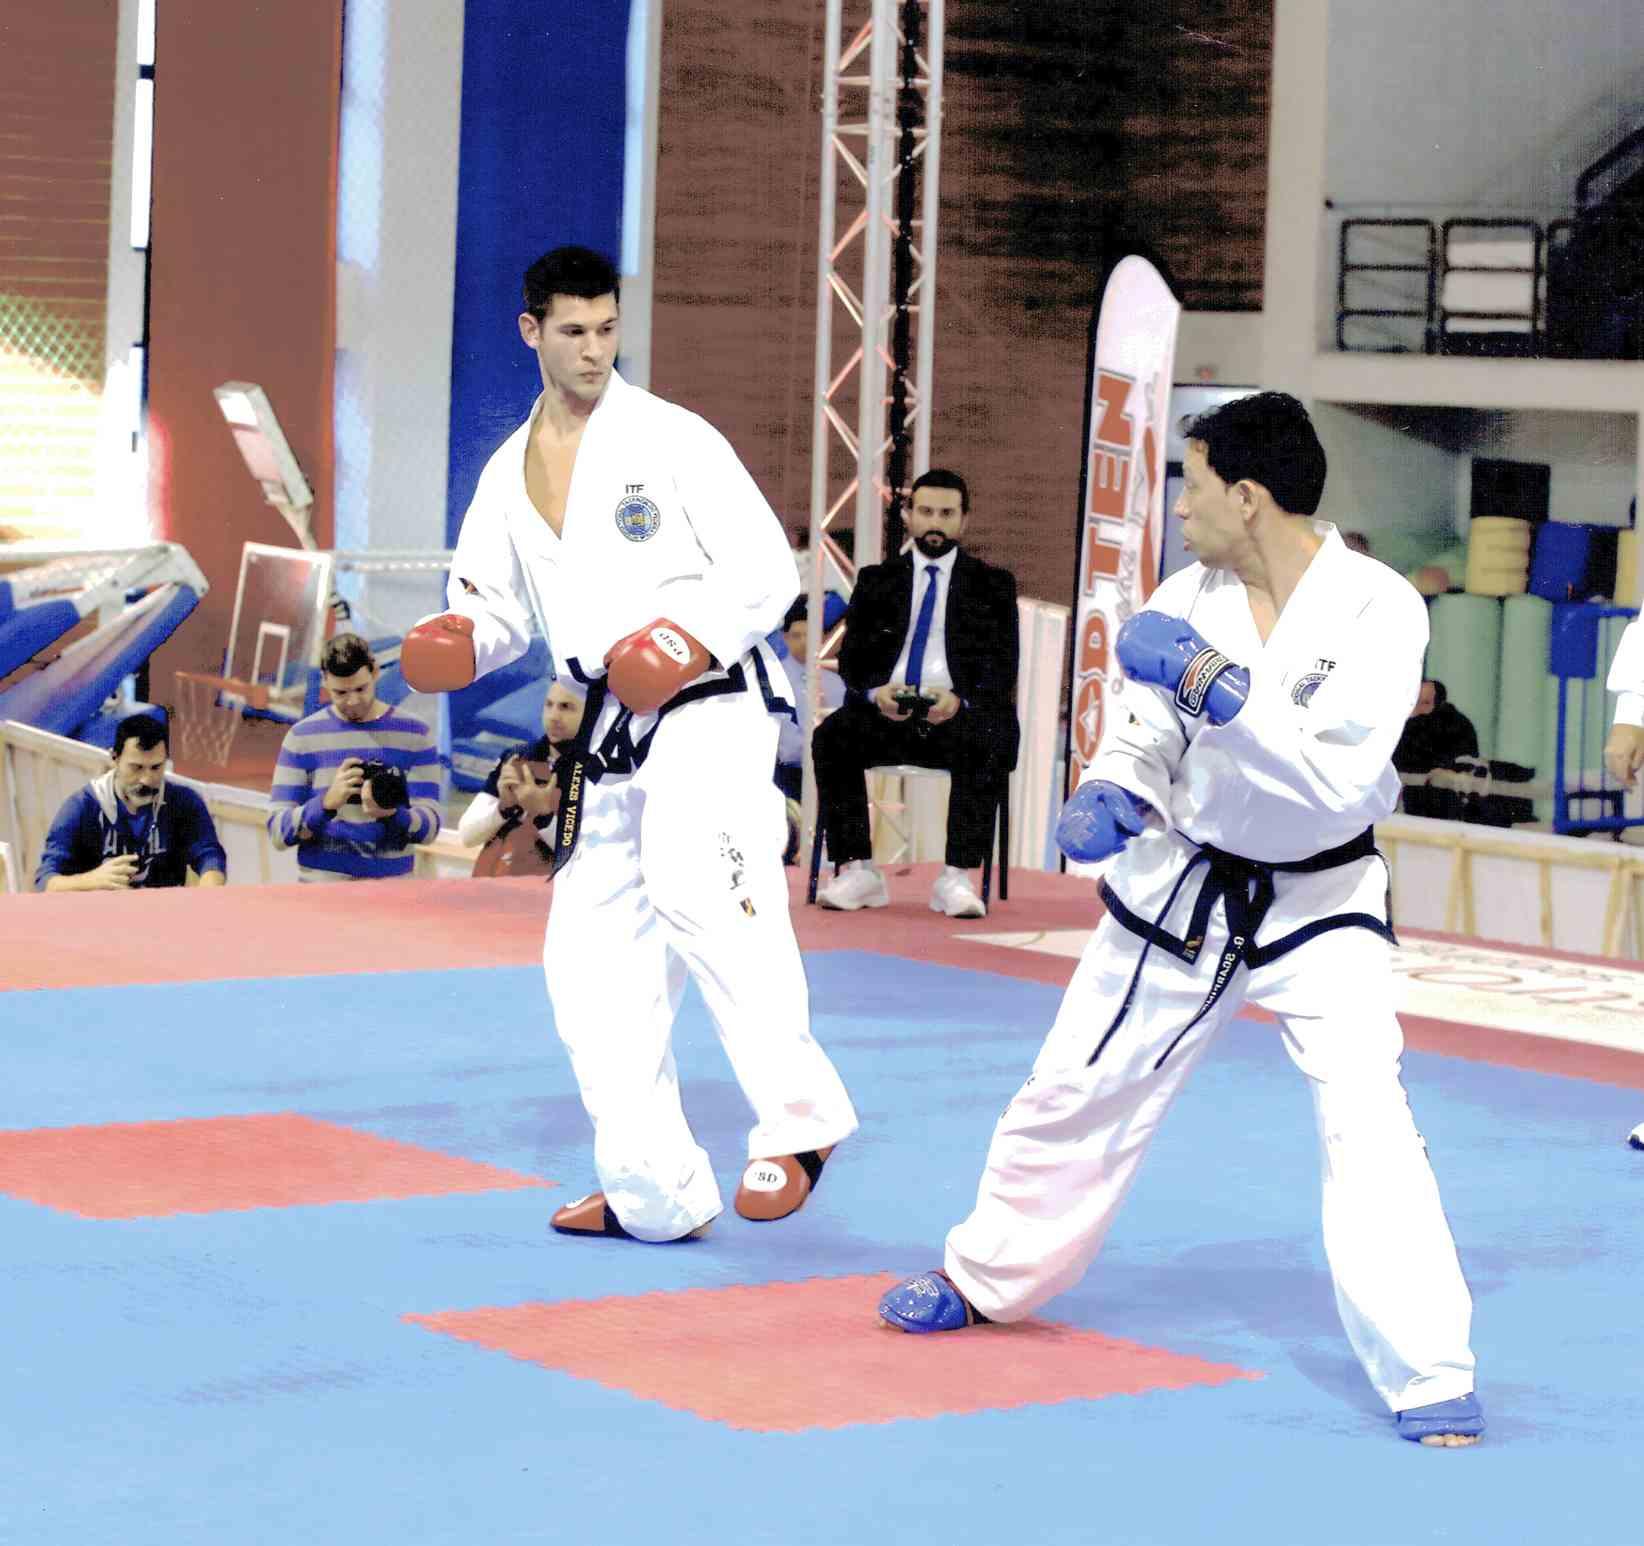 El ibense Alexis Vicedo, medalla de oro en el Campeonato Europeo de Taekwondo ITF